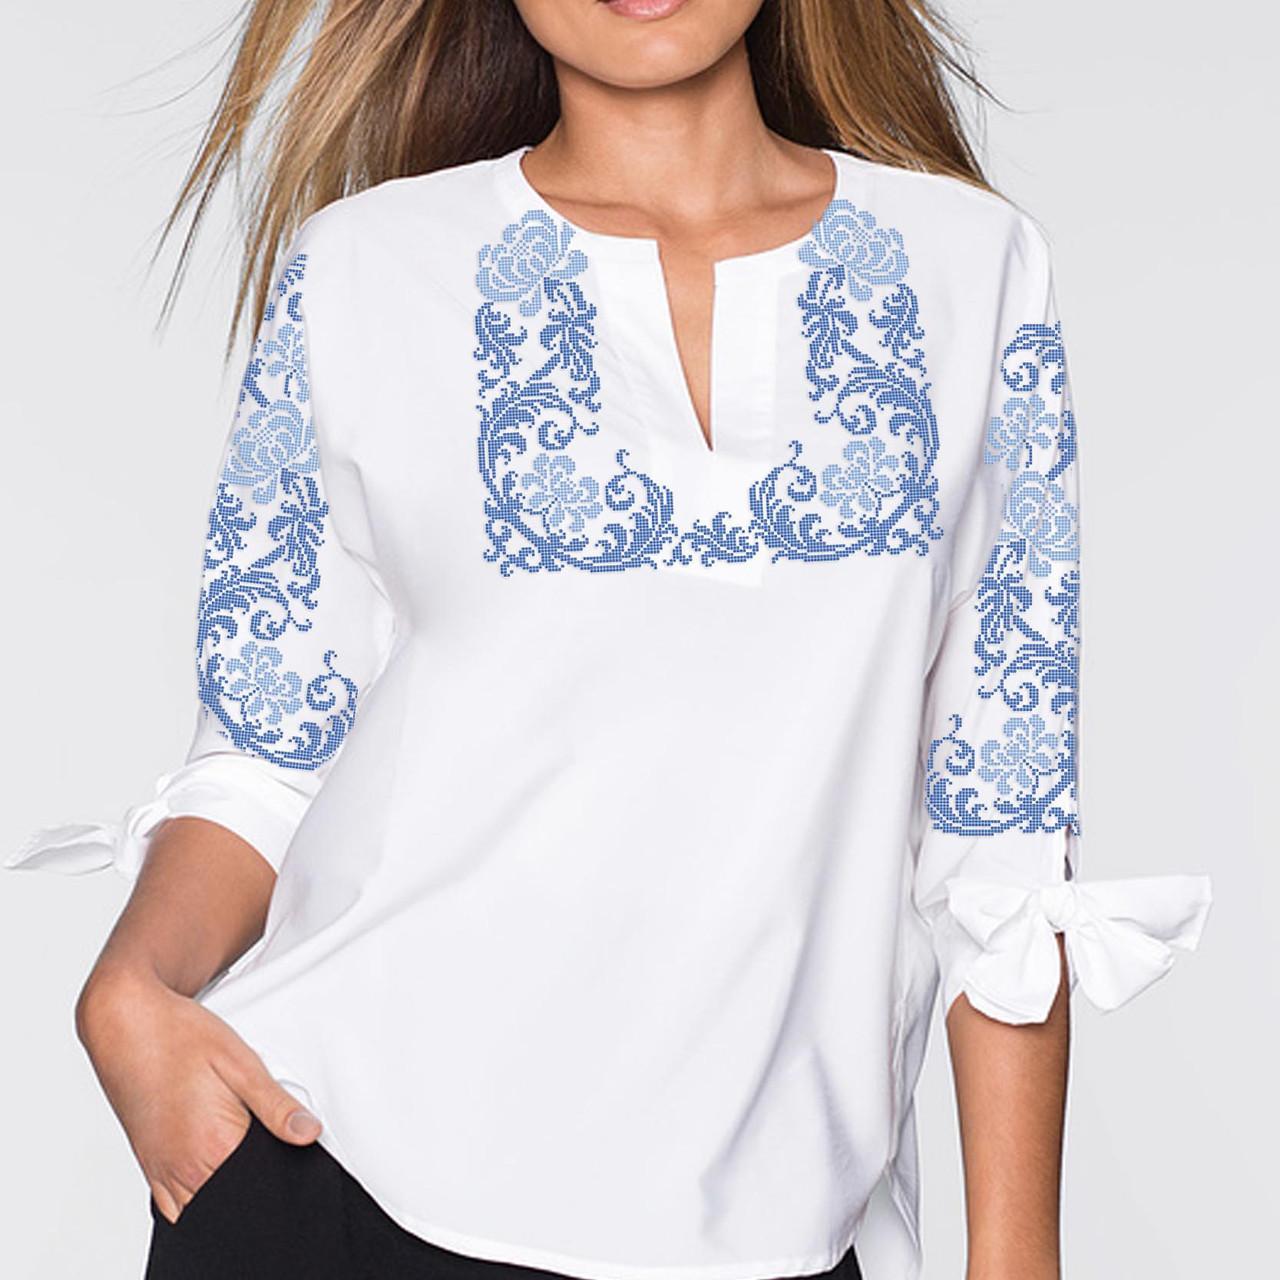 Заготовка вышиванки женской сорочки / блузы для вышивки бисером «Завитки голубі»